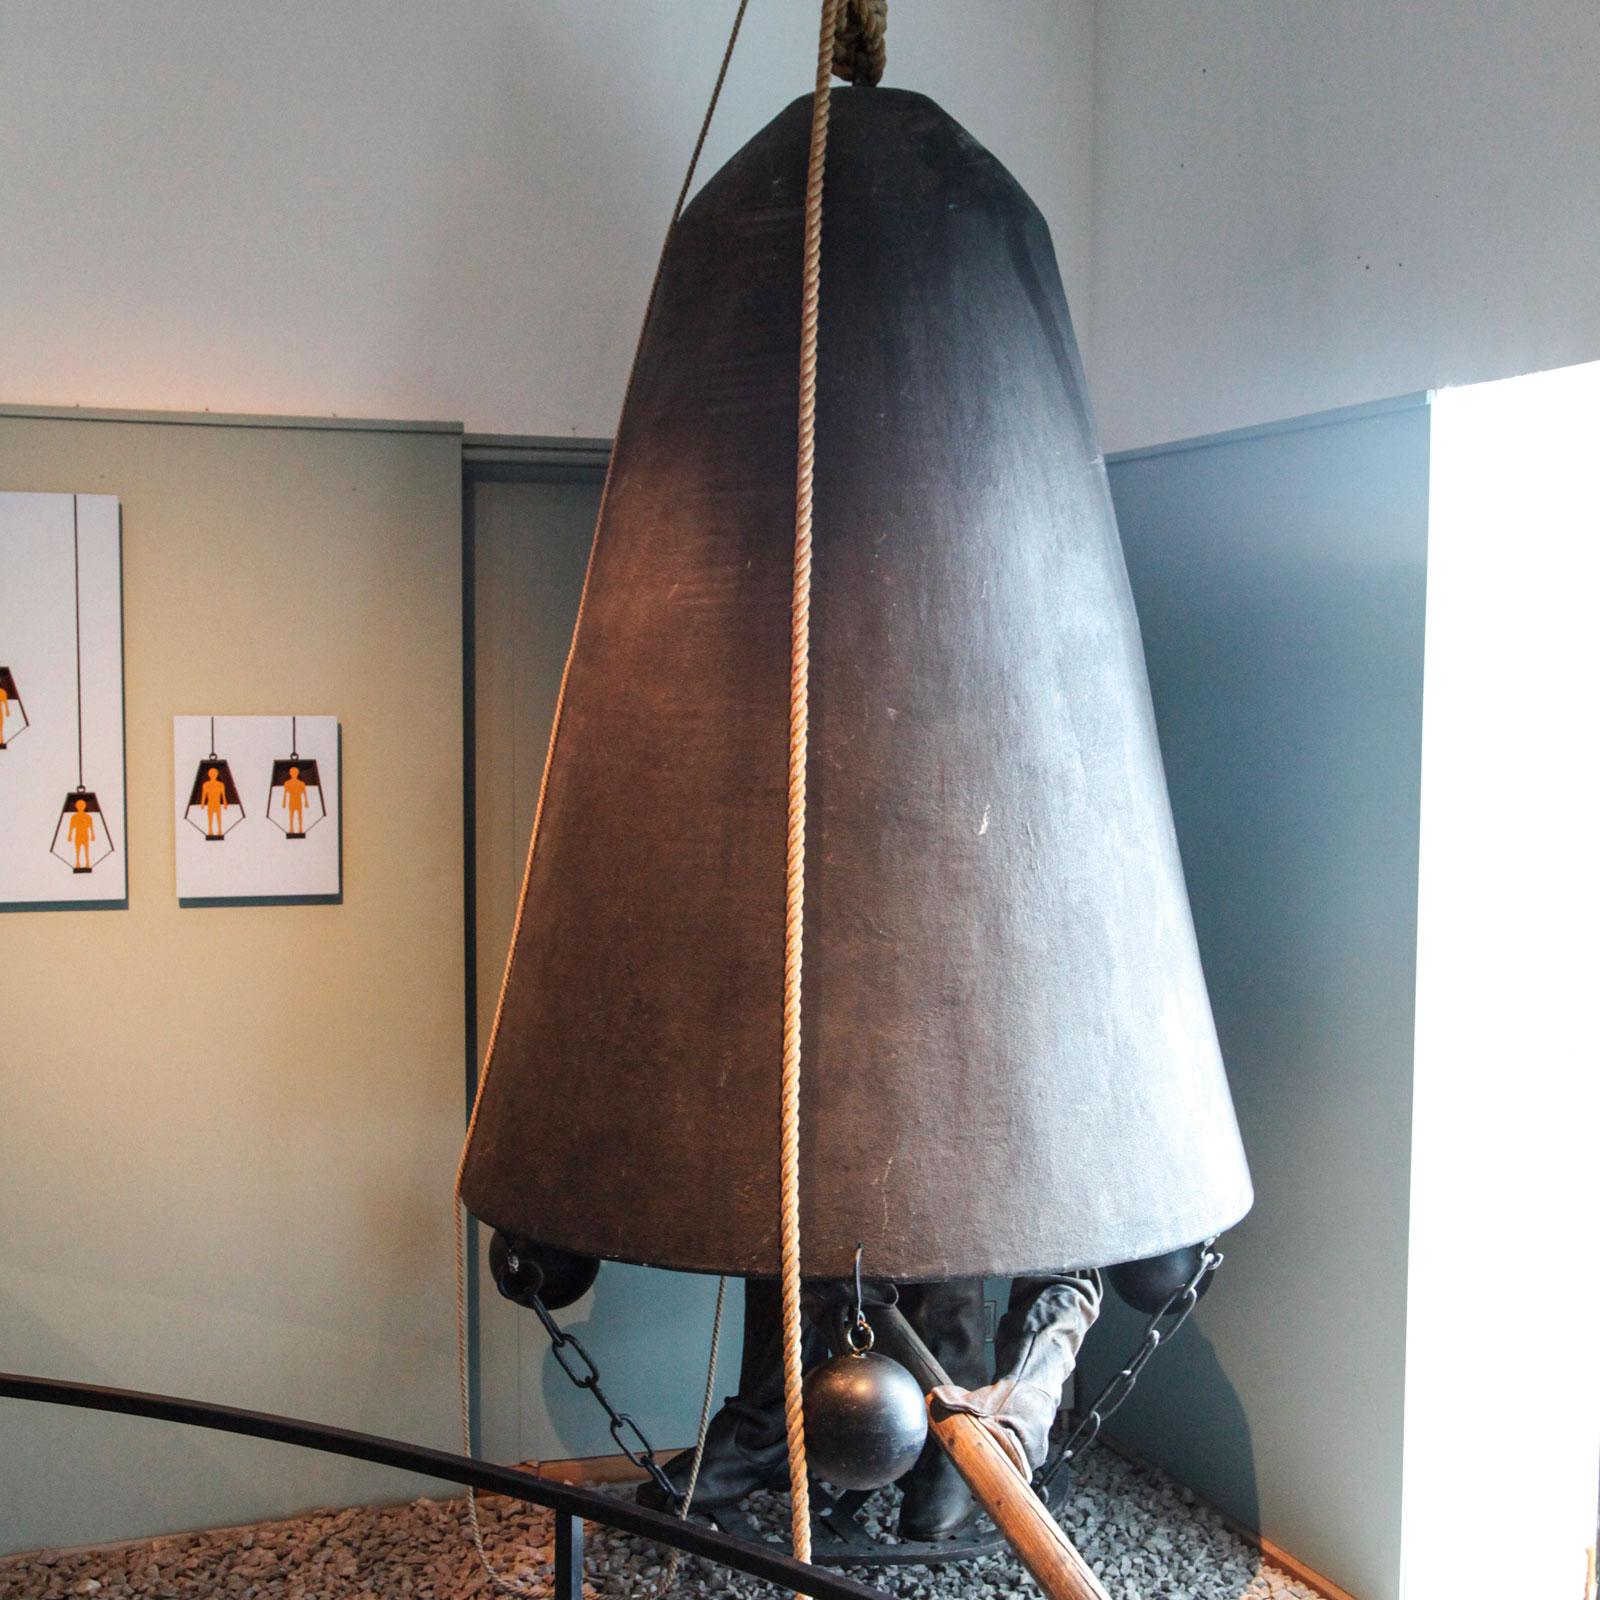 Dykarklocka i utställningen om hur dykeriet har utvecklats.